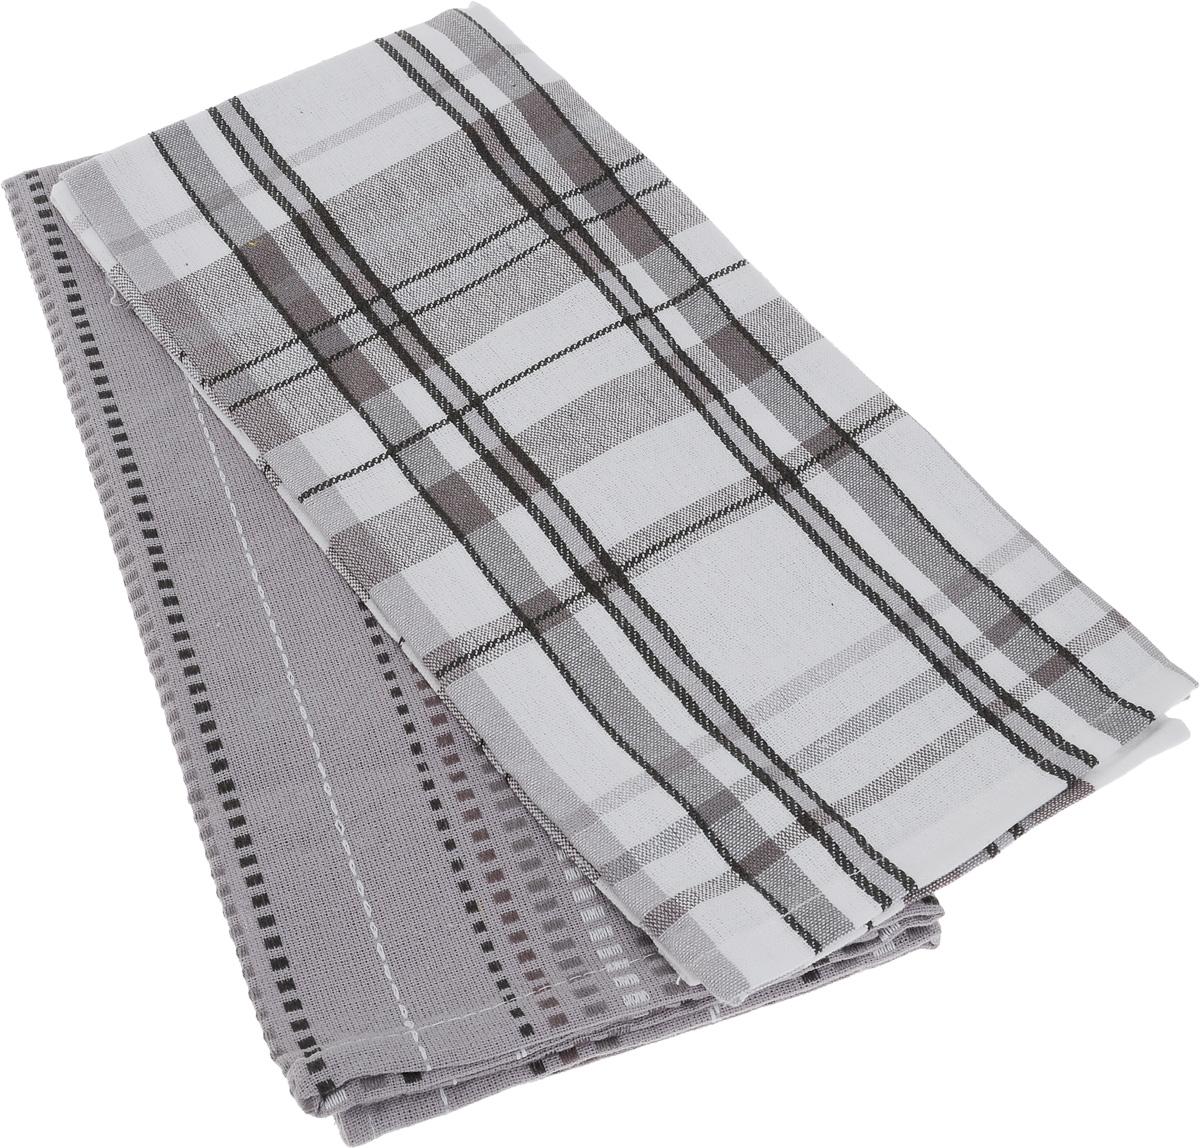 Набор кухонных полотенец Soavita Strip, цвет: черный, белый, серый, 48 х 68 см, 2 шт65795Набор Soavita Strip состоит из двух полотенец, выполненных из 100% хлопка. Изделия предназначены для использования на кухне и в столовой. Набор полотенец Soavita Strip - отличное приобретение для каждой хозяйки. Комплектация: 2 шт.